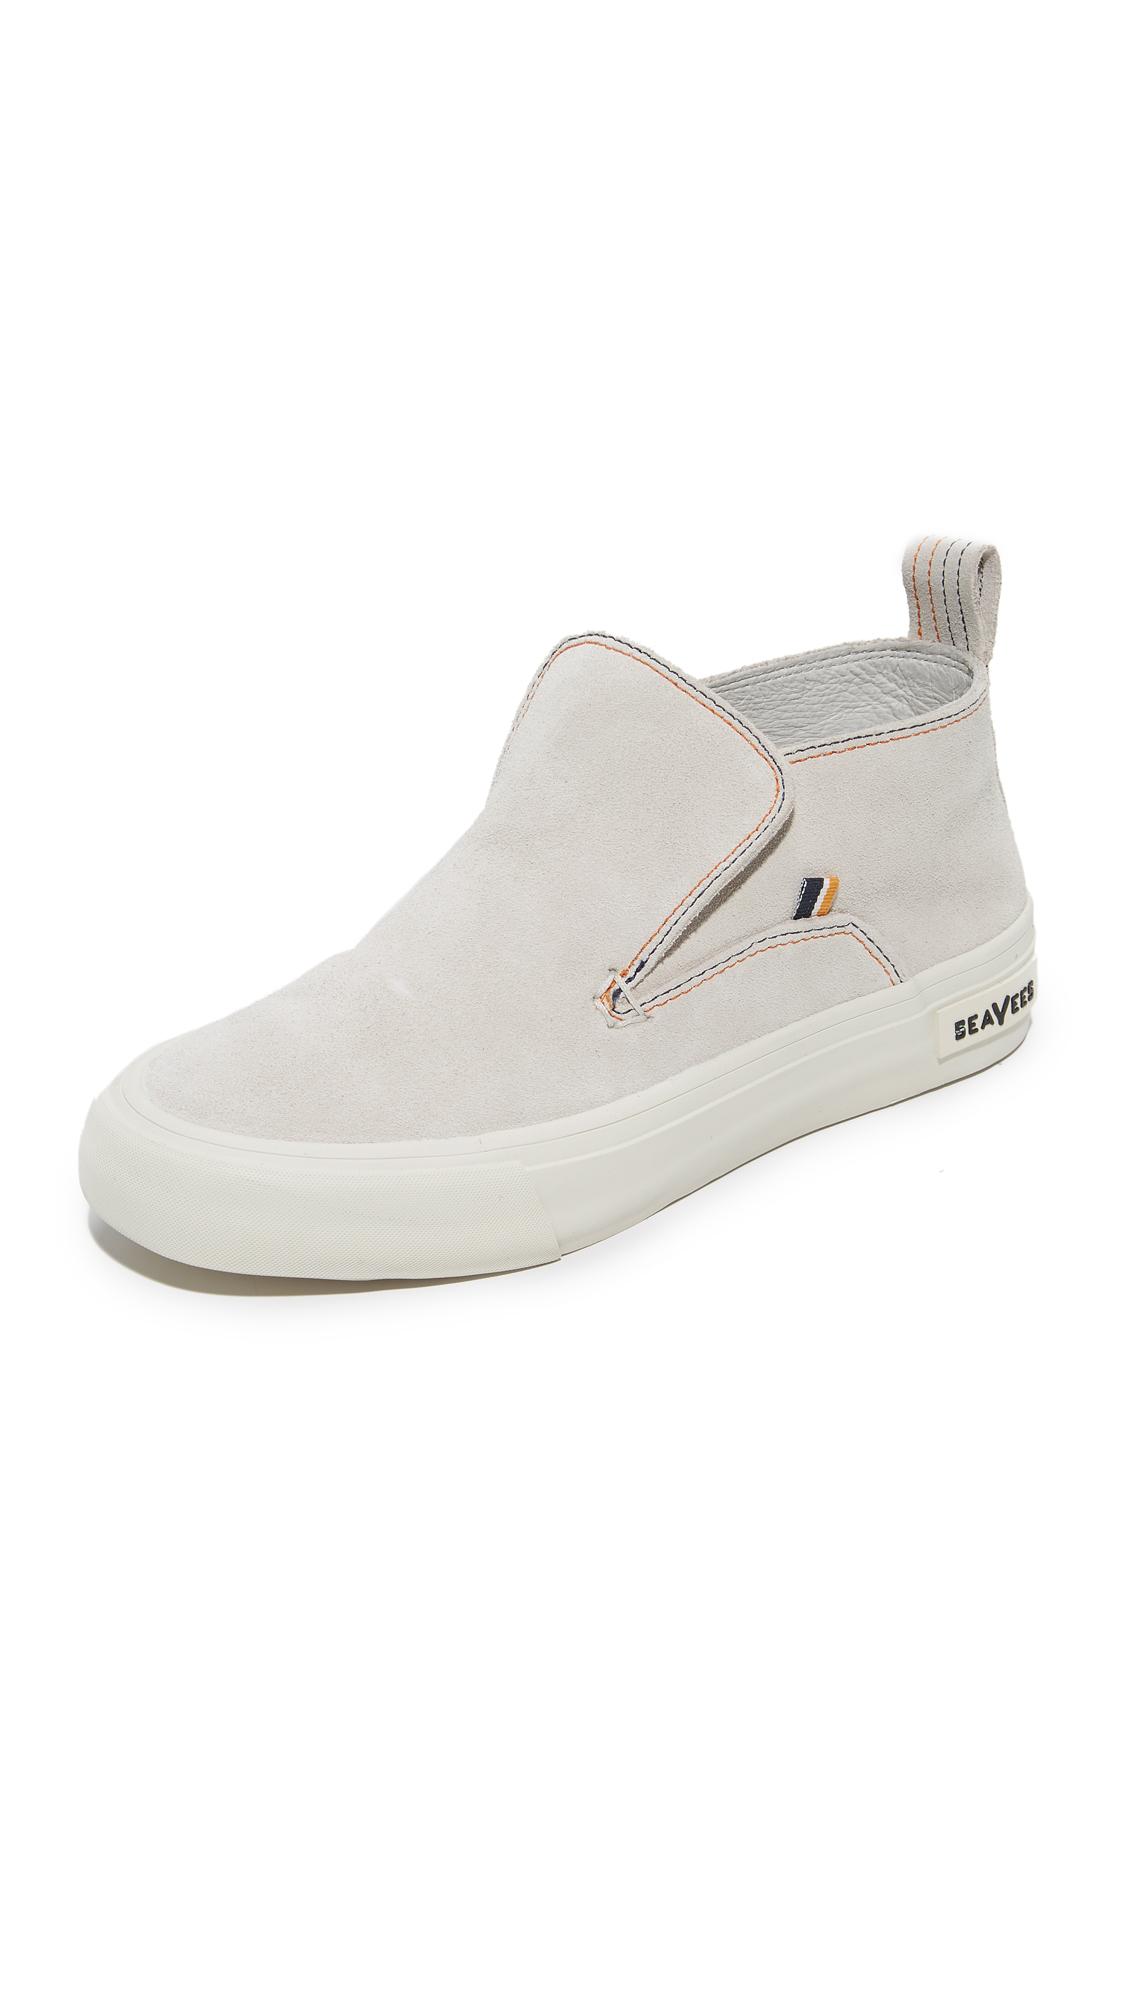 SeaVees x Derek Lam 10 Crosby Huntington Middie Sneakers - Oyster